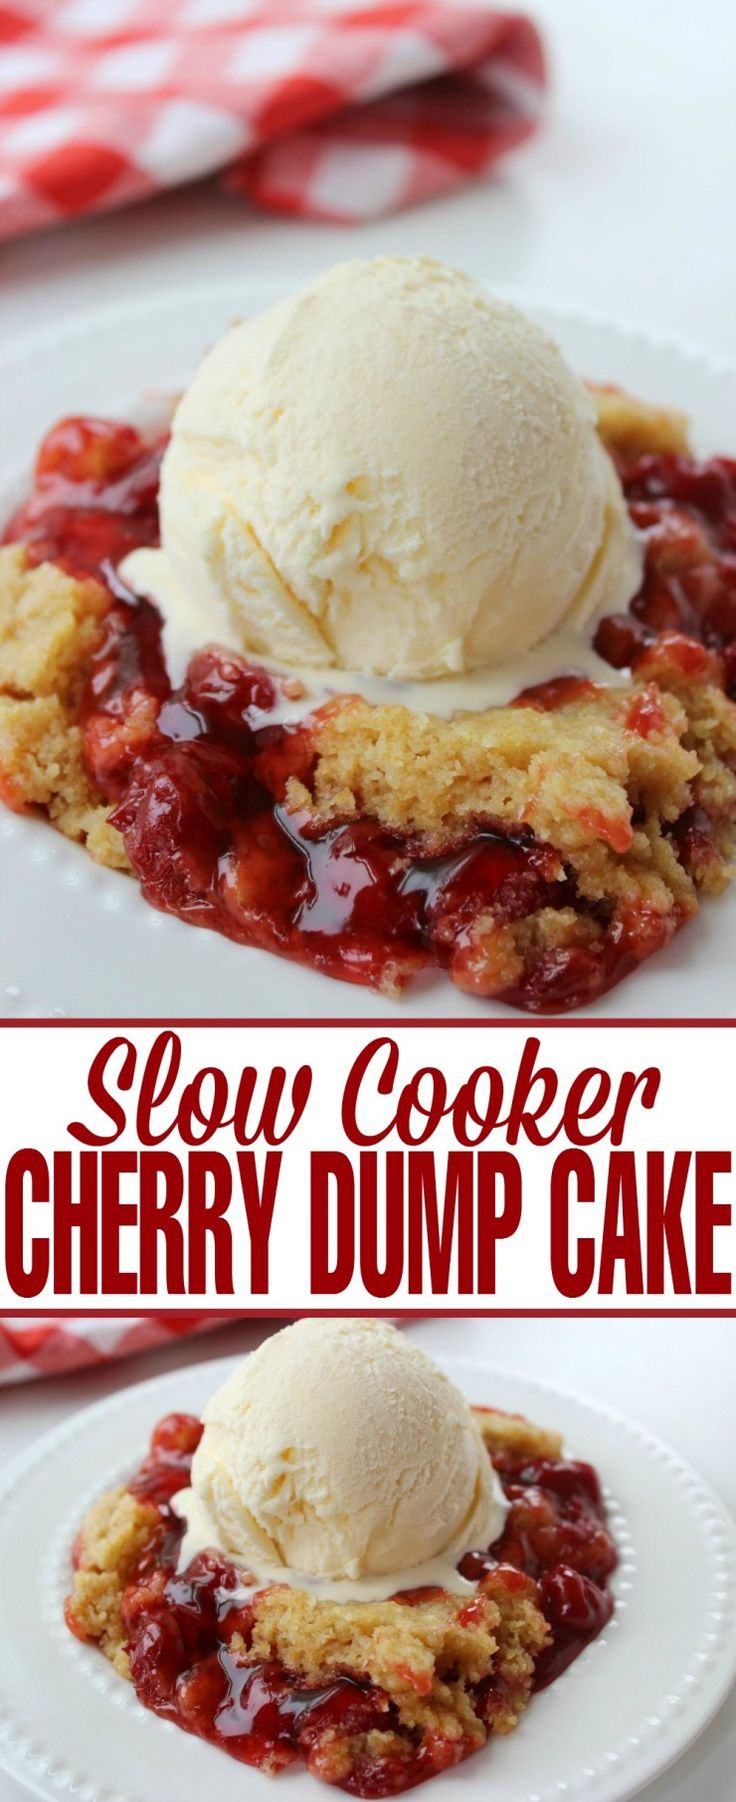 Slow Cooker Cherry Dump Cake